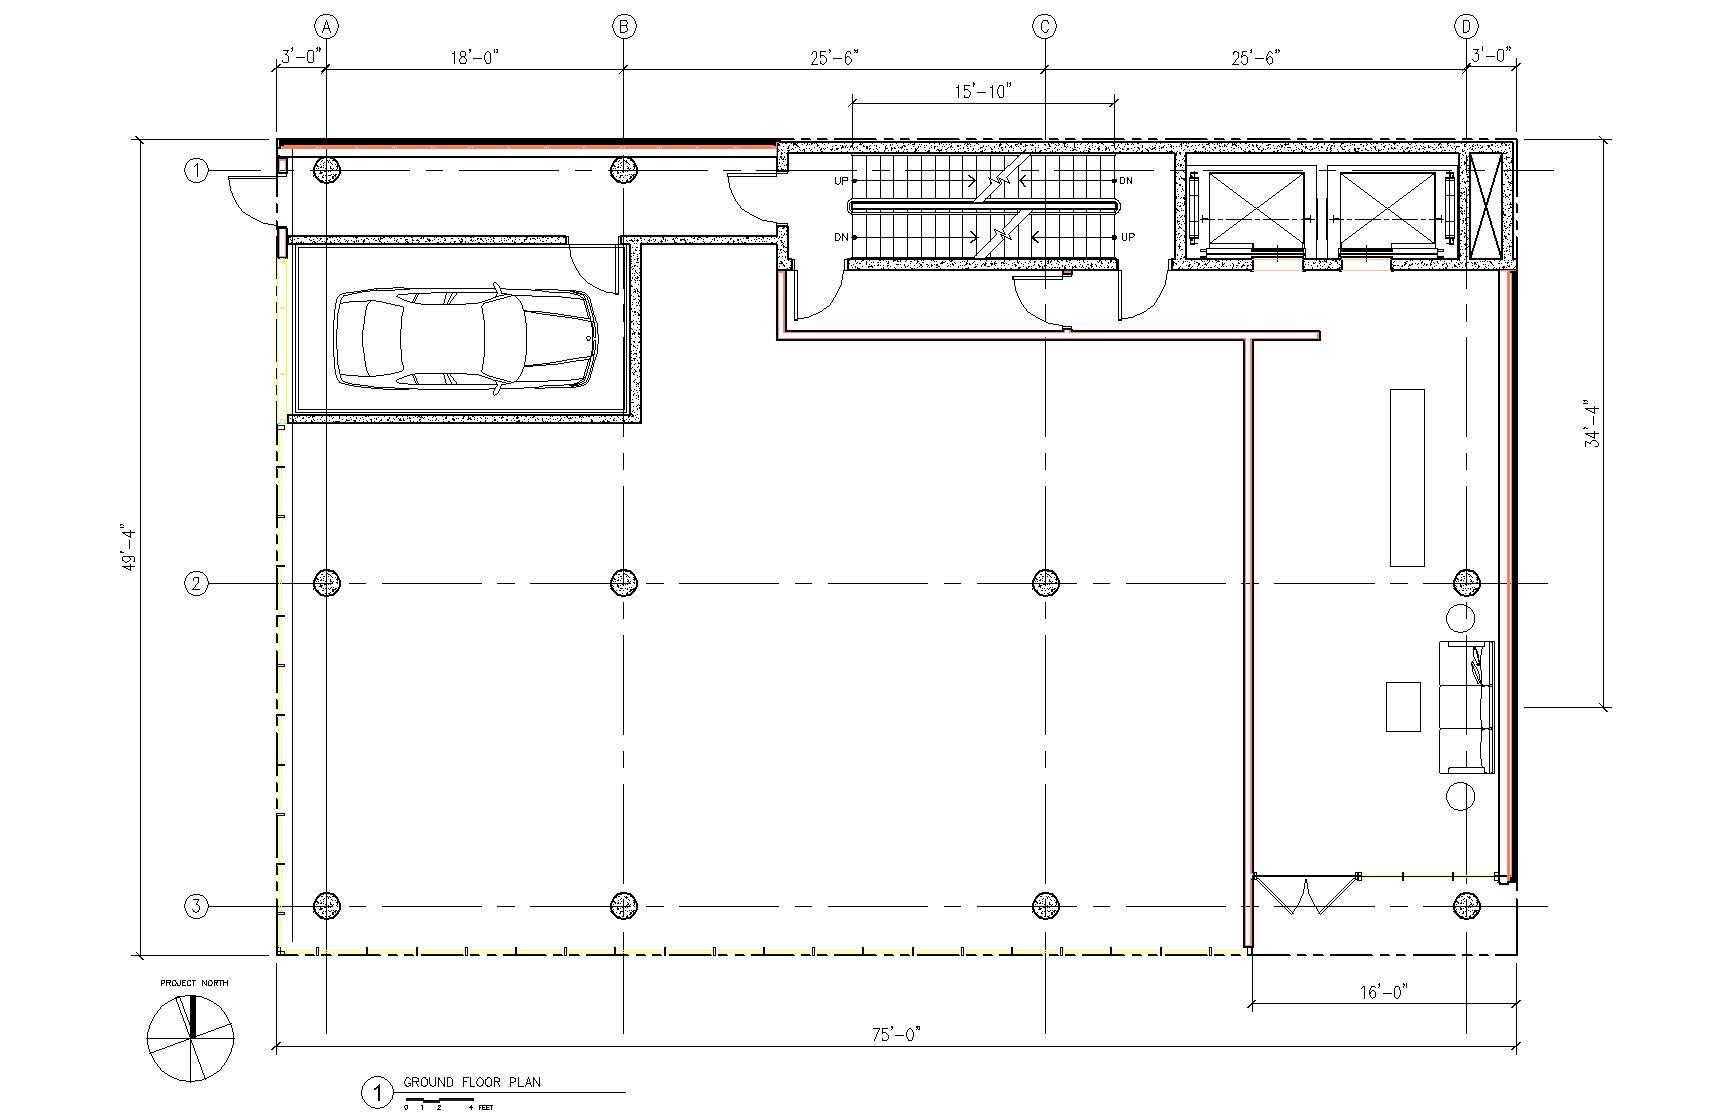 020-559 W 22nd-Plans-Model.jpg